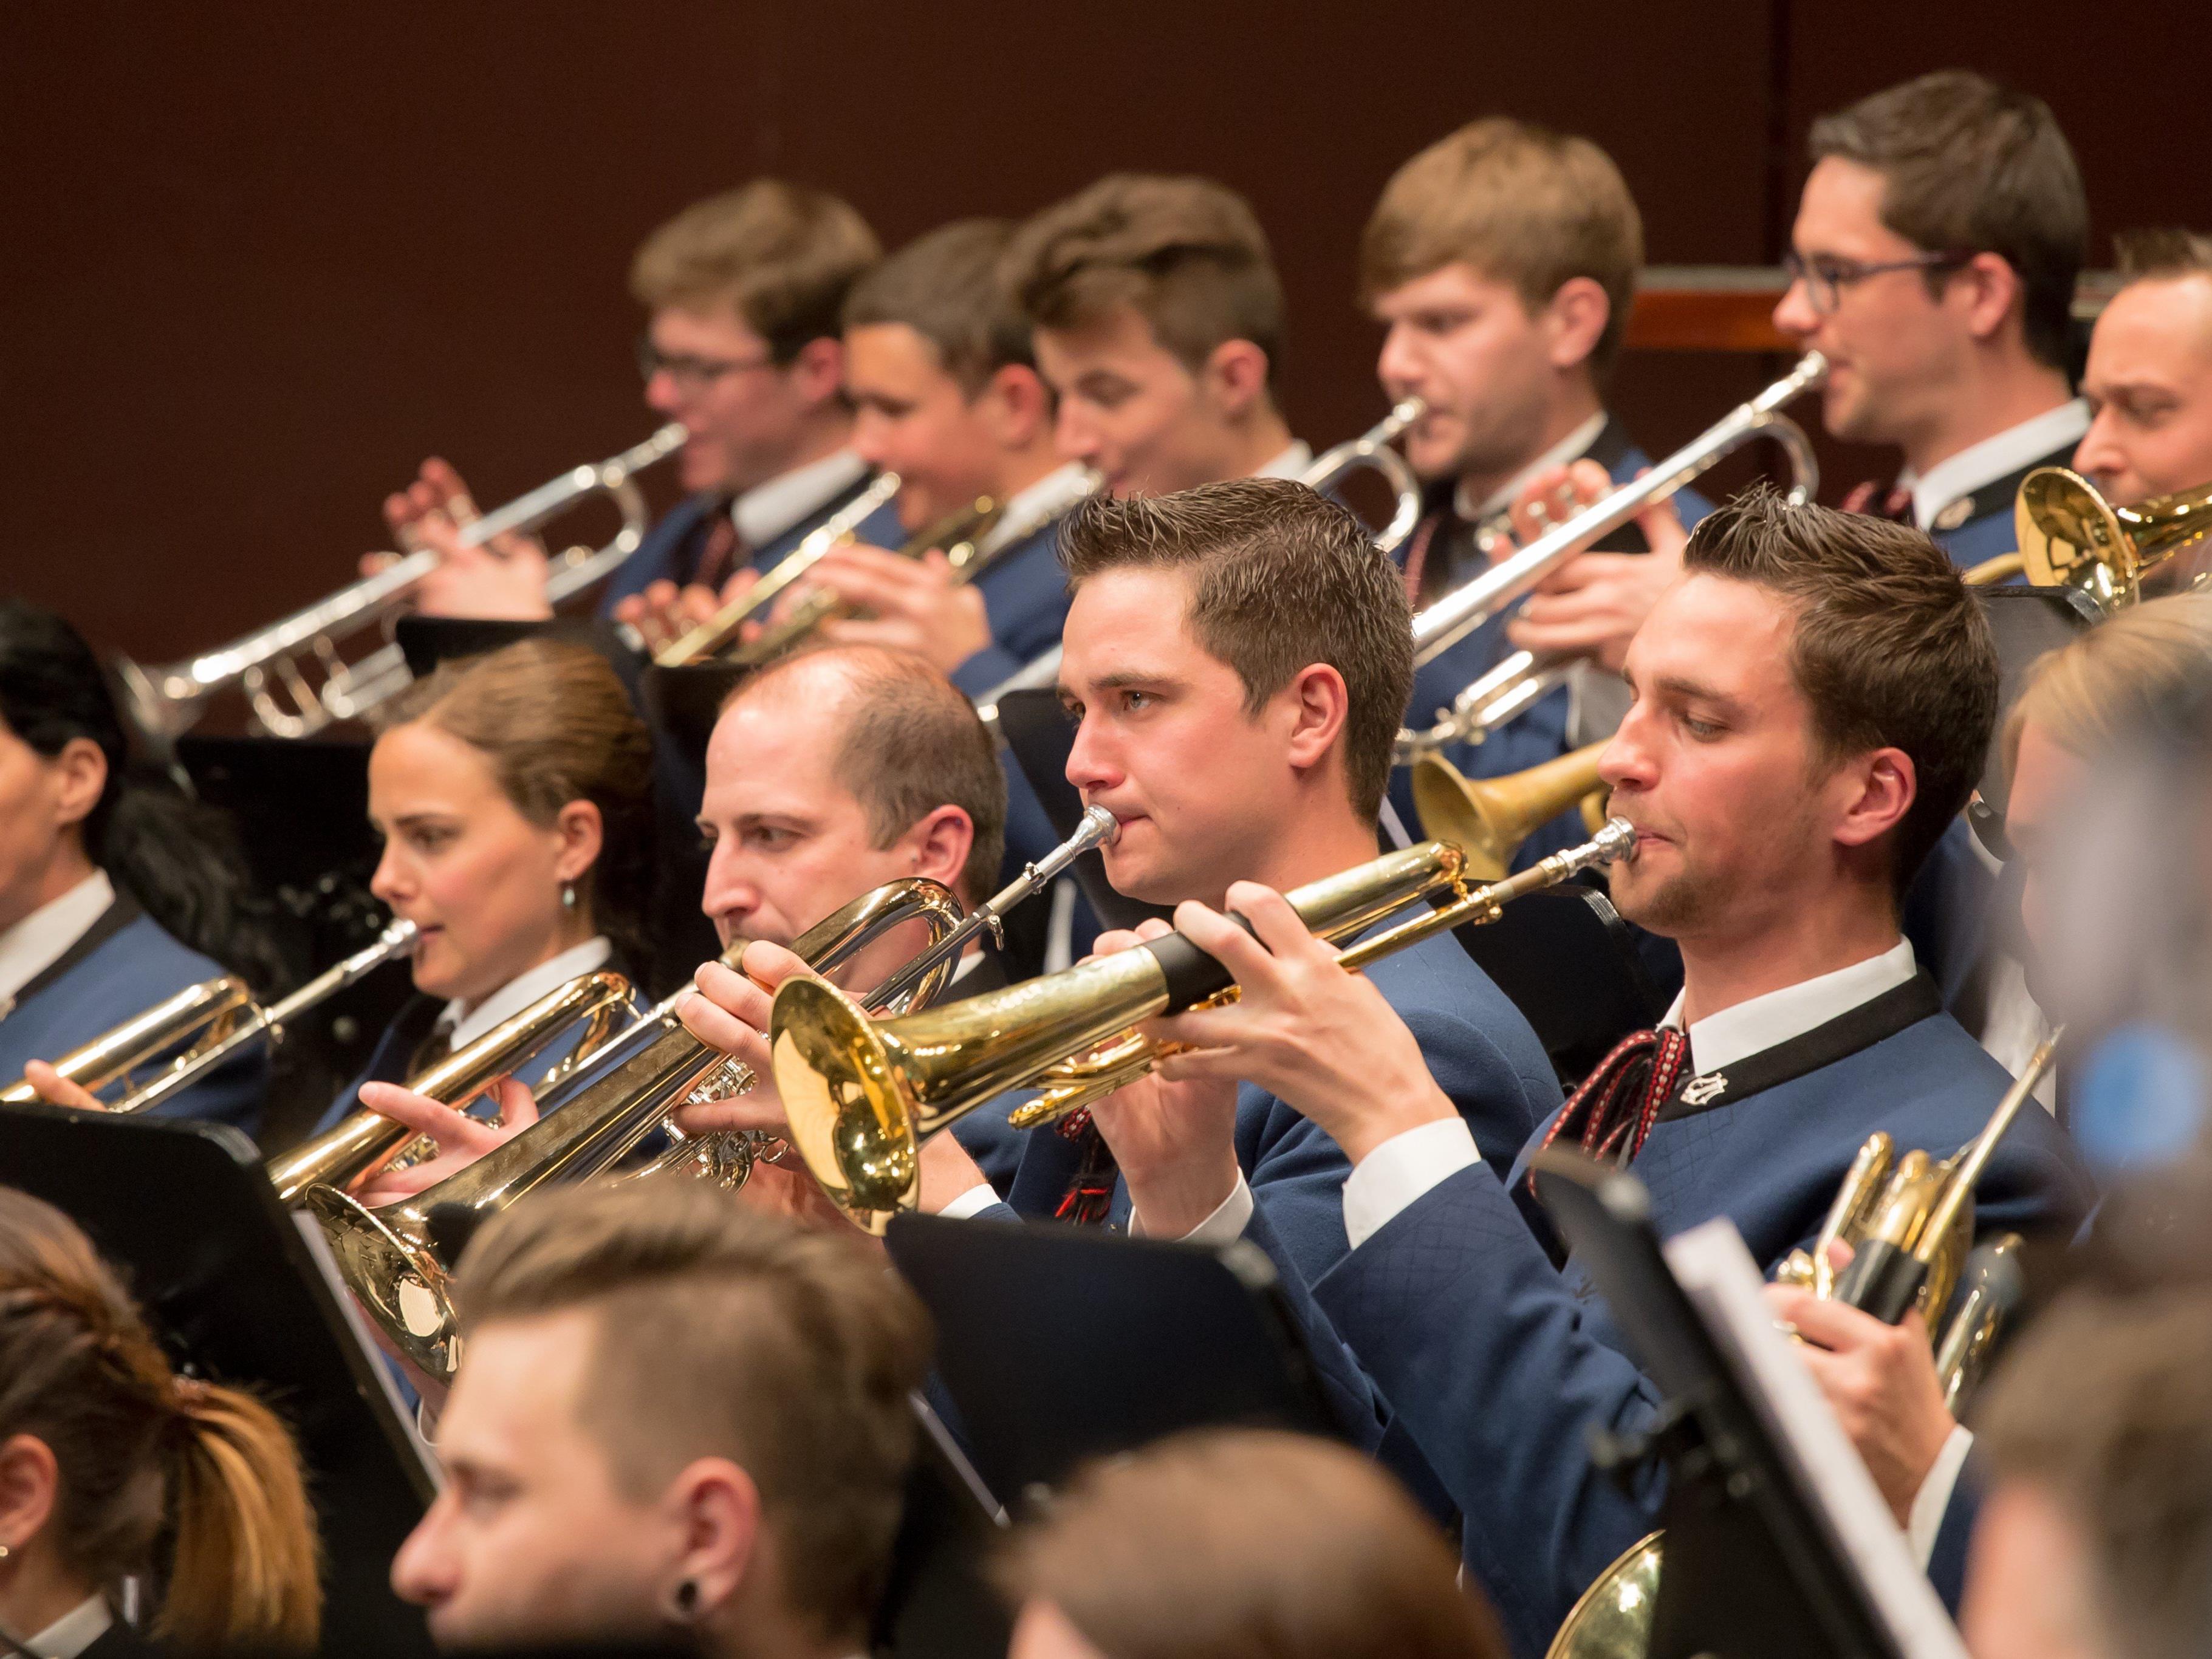 Der MV Rohrbach sorgte mit seinem Konzert wieder für einen musikalischen Höhepunkt in Dornbirn.